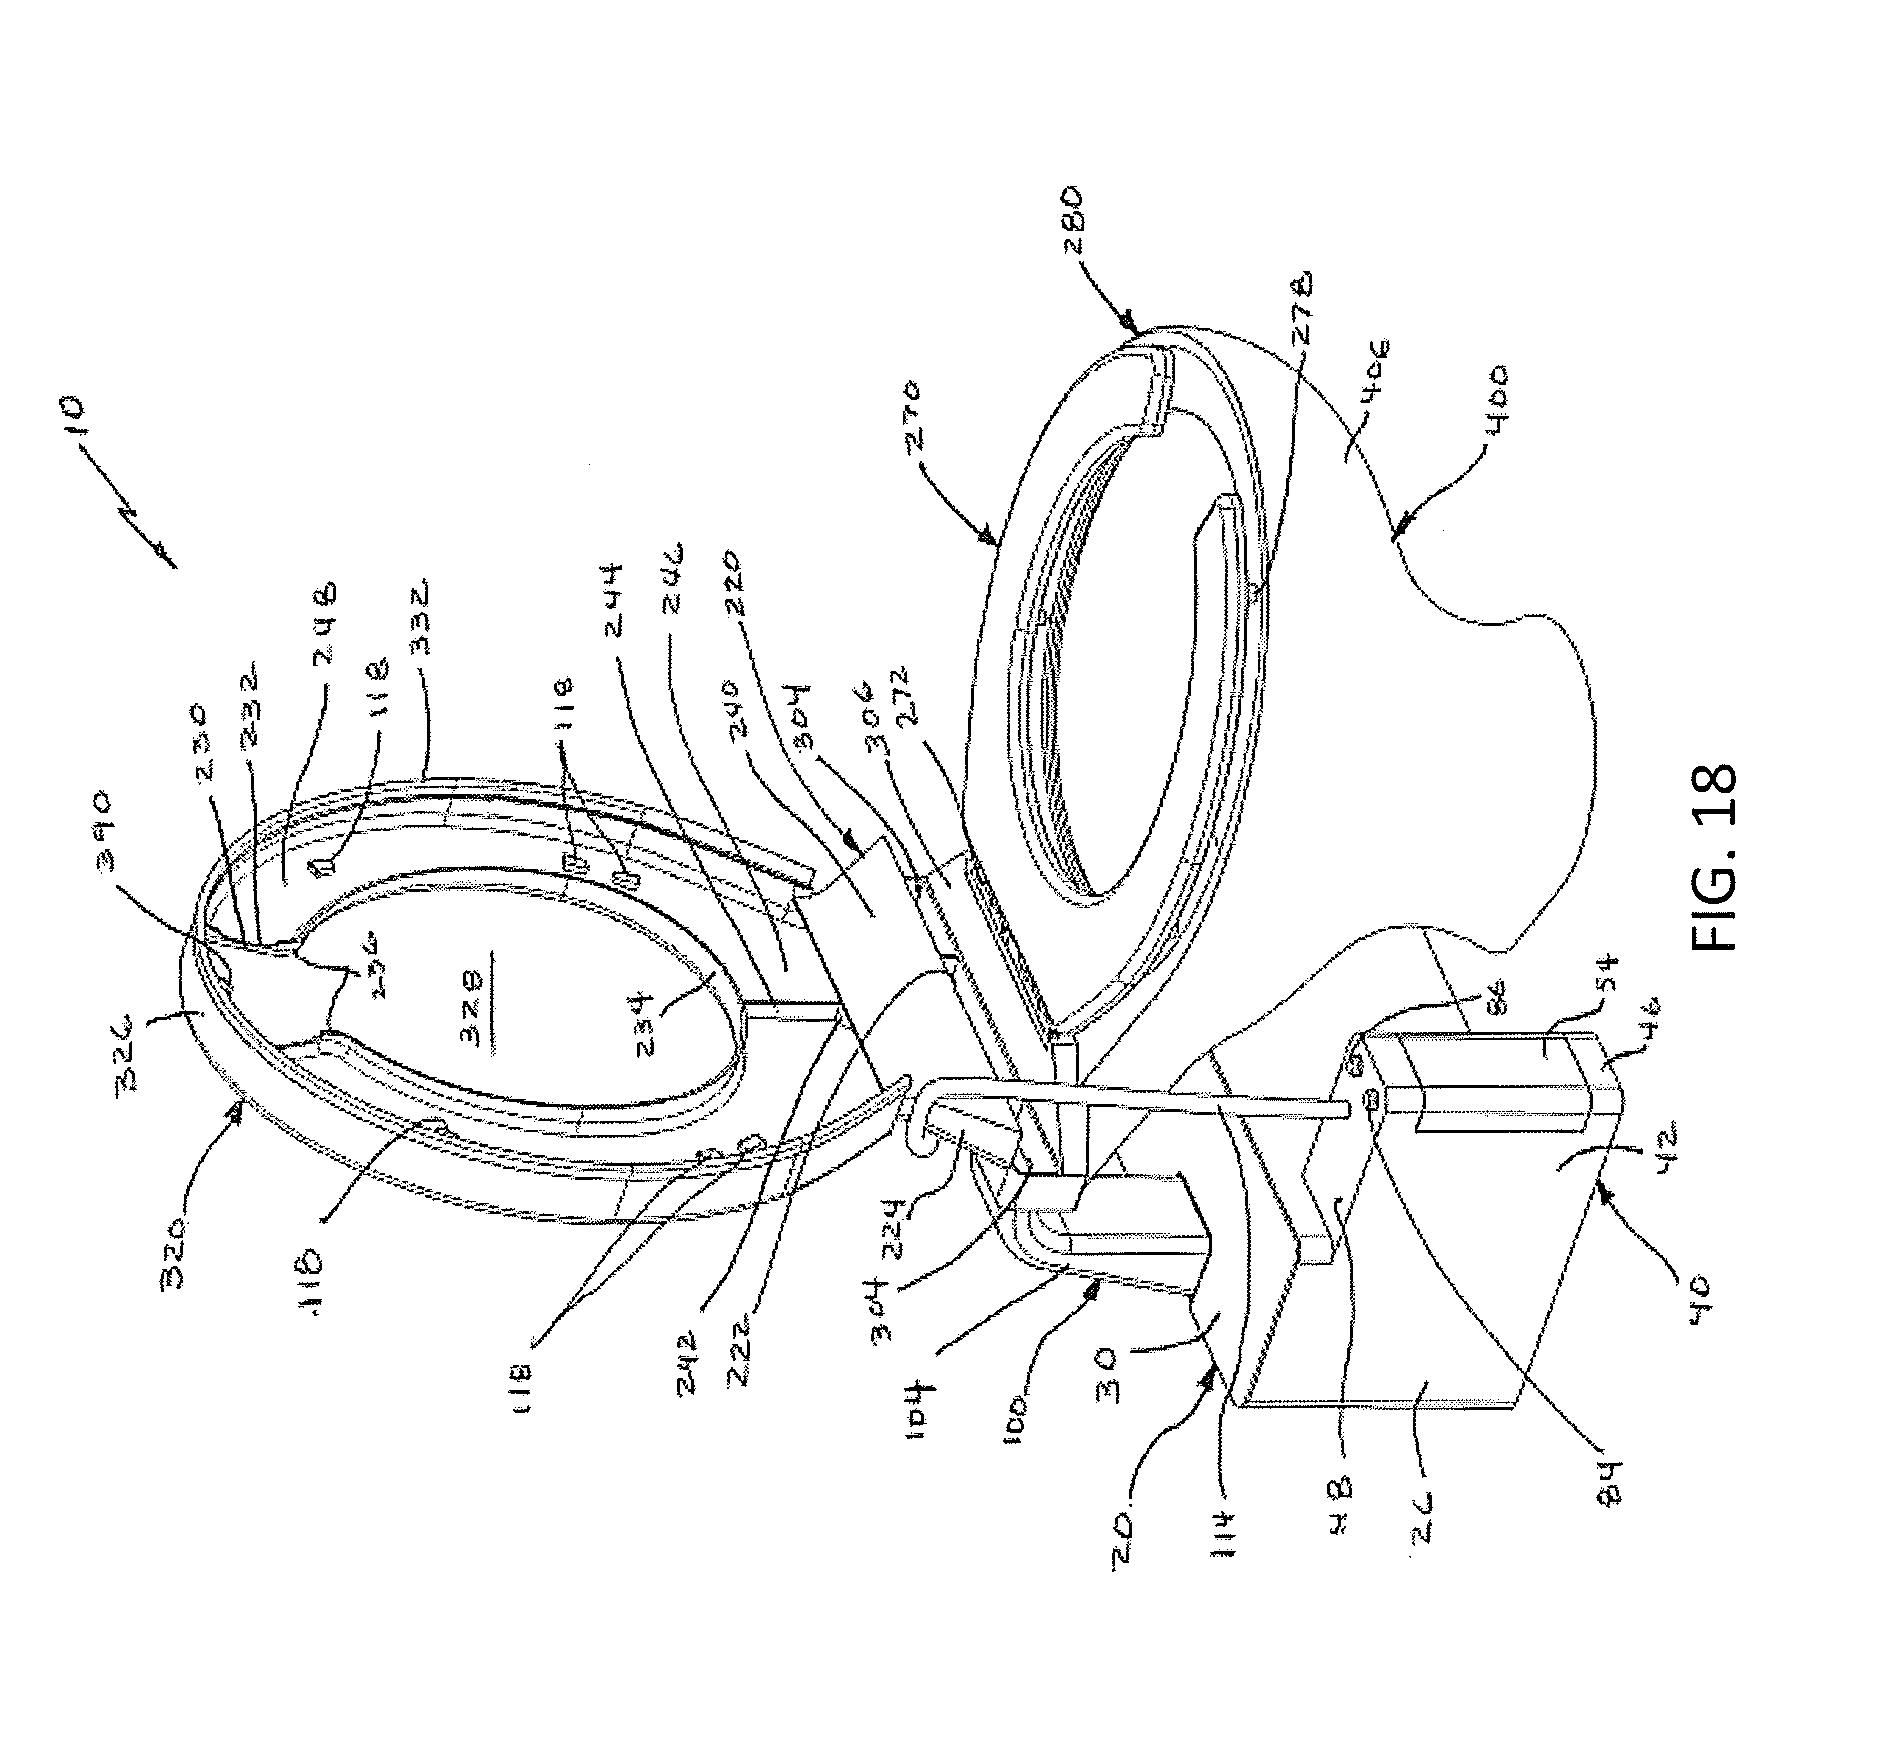 Rf900 Wiring Diagram Source Dr650se Suzuki Schematic